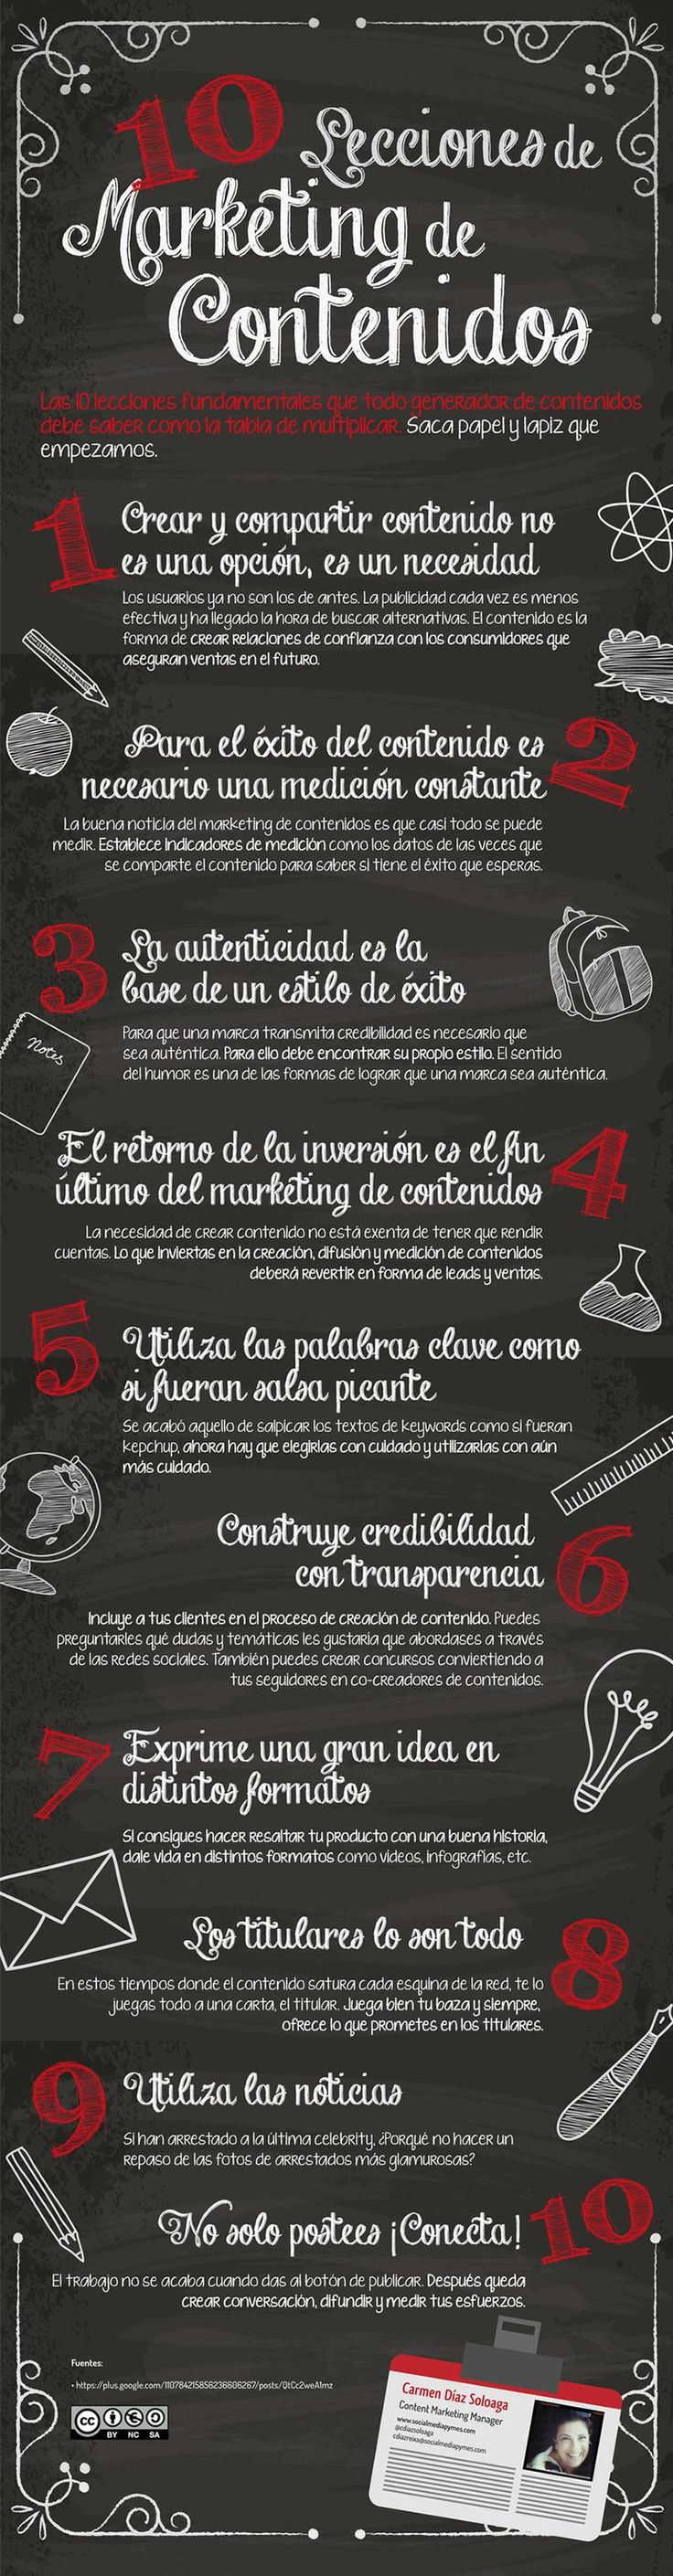 Una excelente infografía, íntegramente en español, que nos ofrece diez breves lecciones sobre el marketing de contenidos.